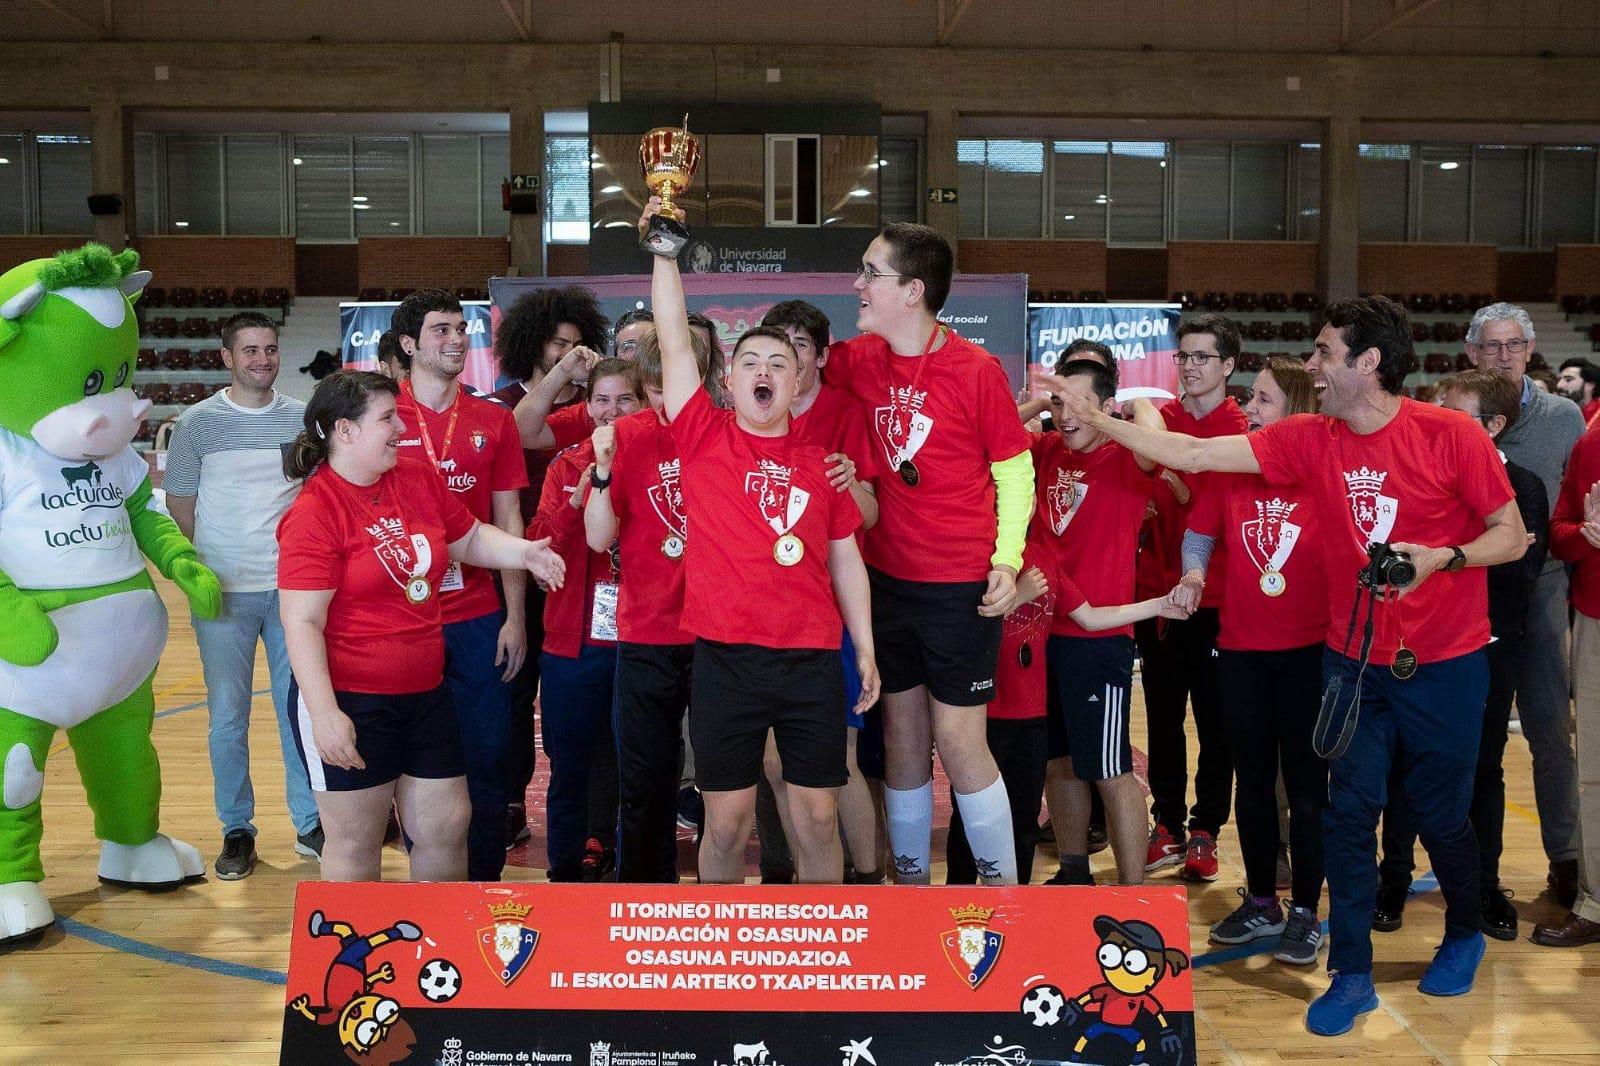 Jesuitinas consigue el Primer Premio en el II Torneo Interescolar DF de Fundación Osasuna